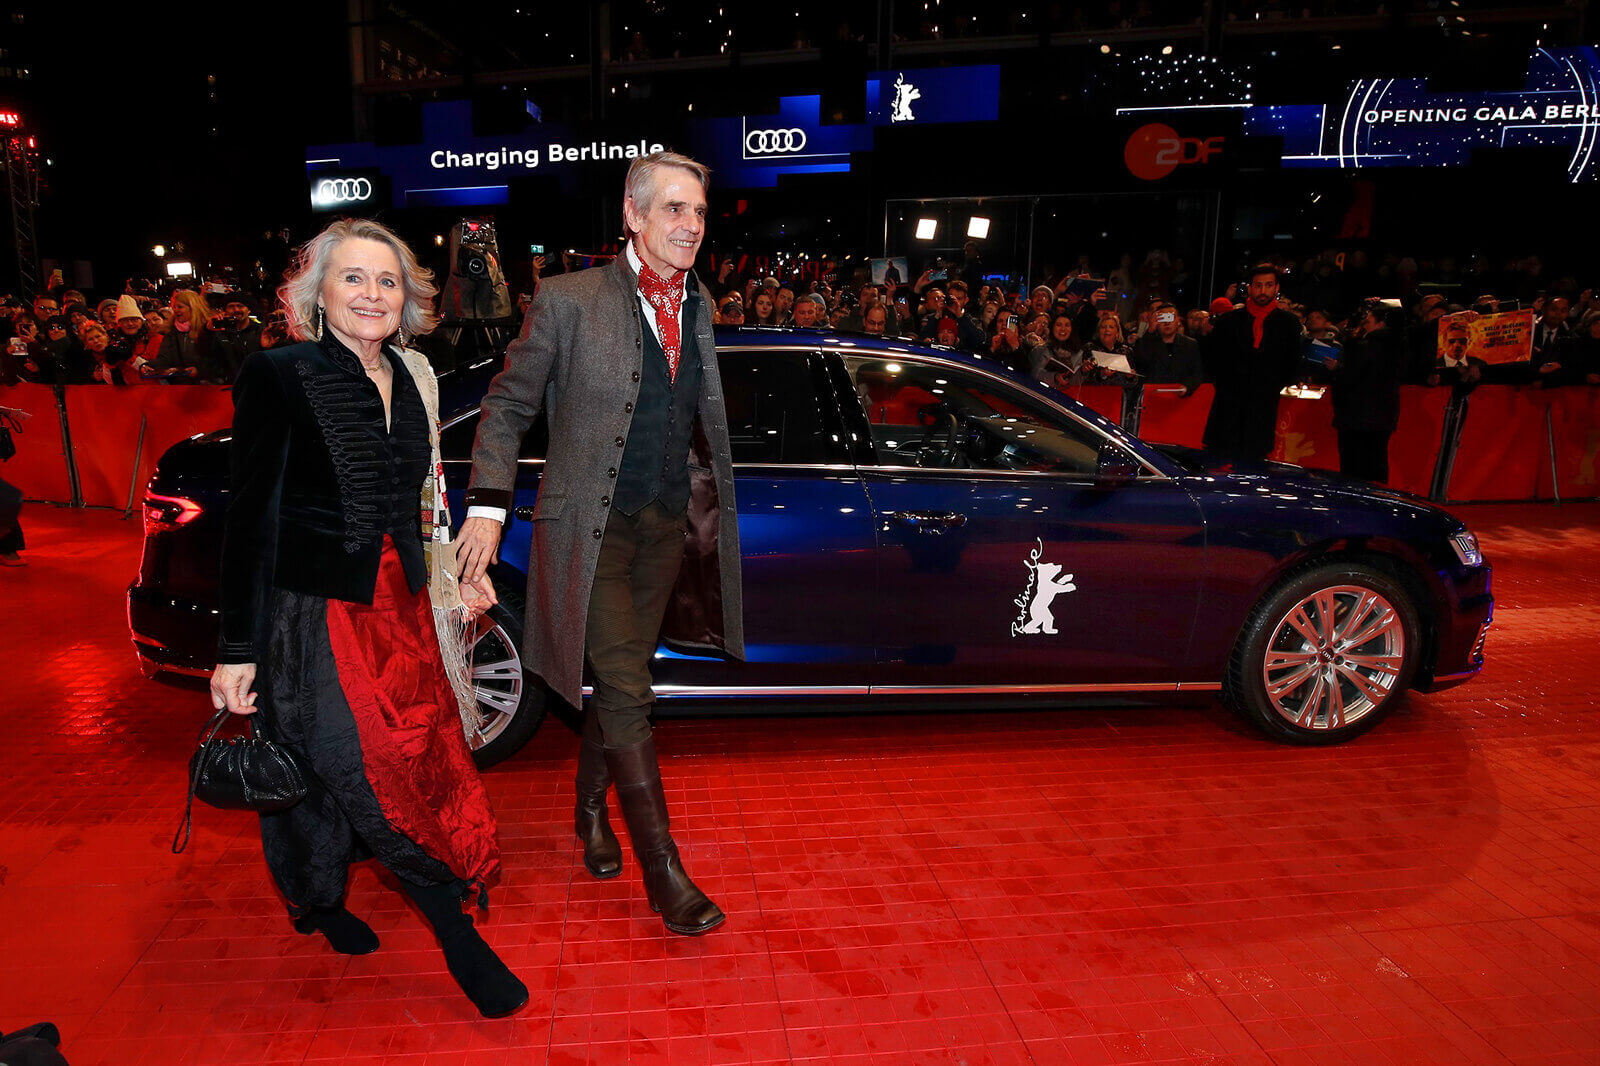 Τζέρεμι Άιρονς - H Audi στην 70η Berlinale